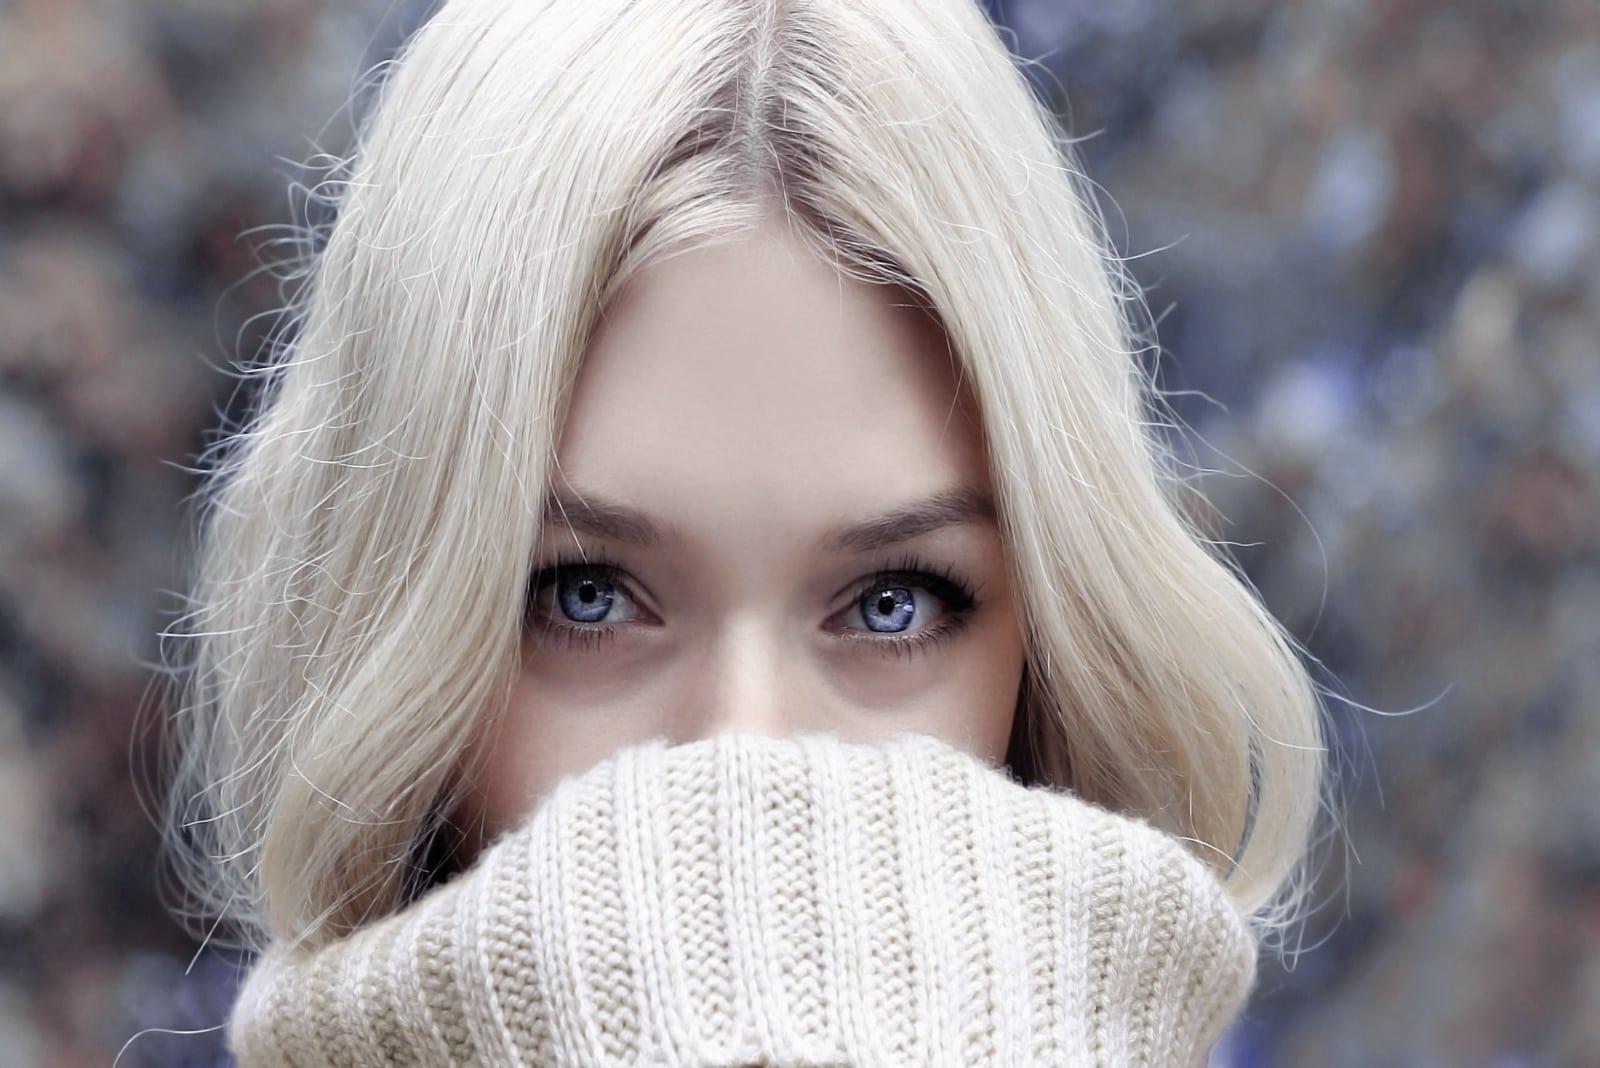 blonde woman in beige turtleneck sweater standing outdoor